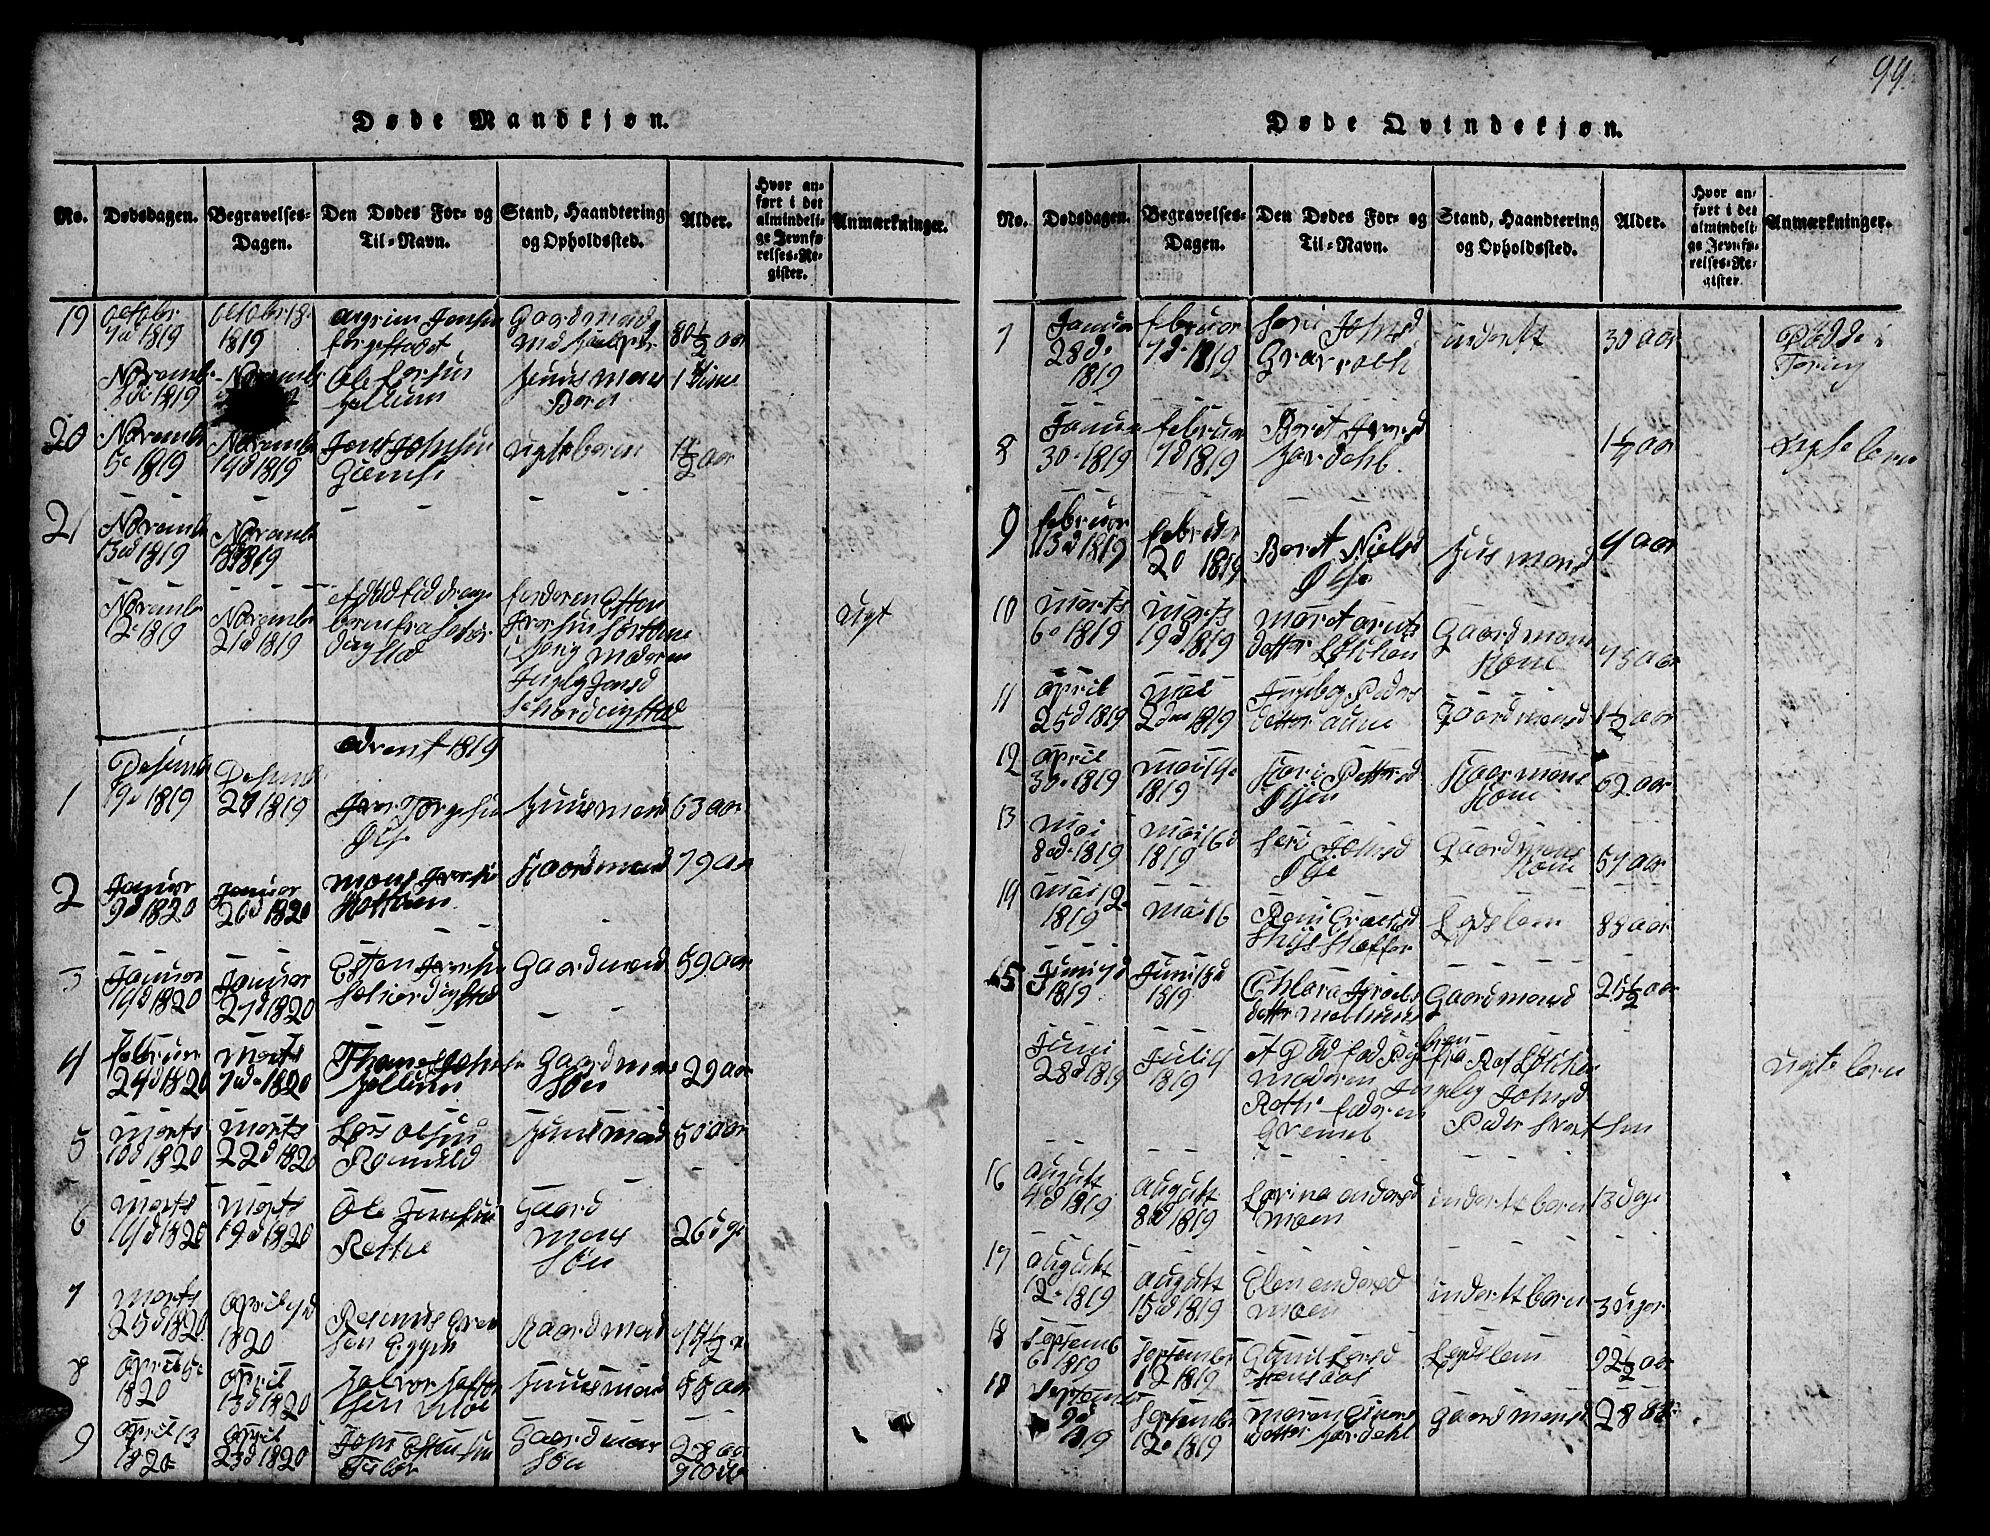 SAT, Ministerialprotokoller, klokkerbøker og fødselsregistre - Sør-Trøndelag, 691/L1092: Klokkerbok nr. 691C03, 1816-1852, s. 99